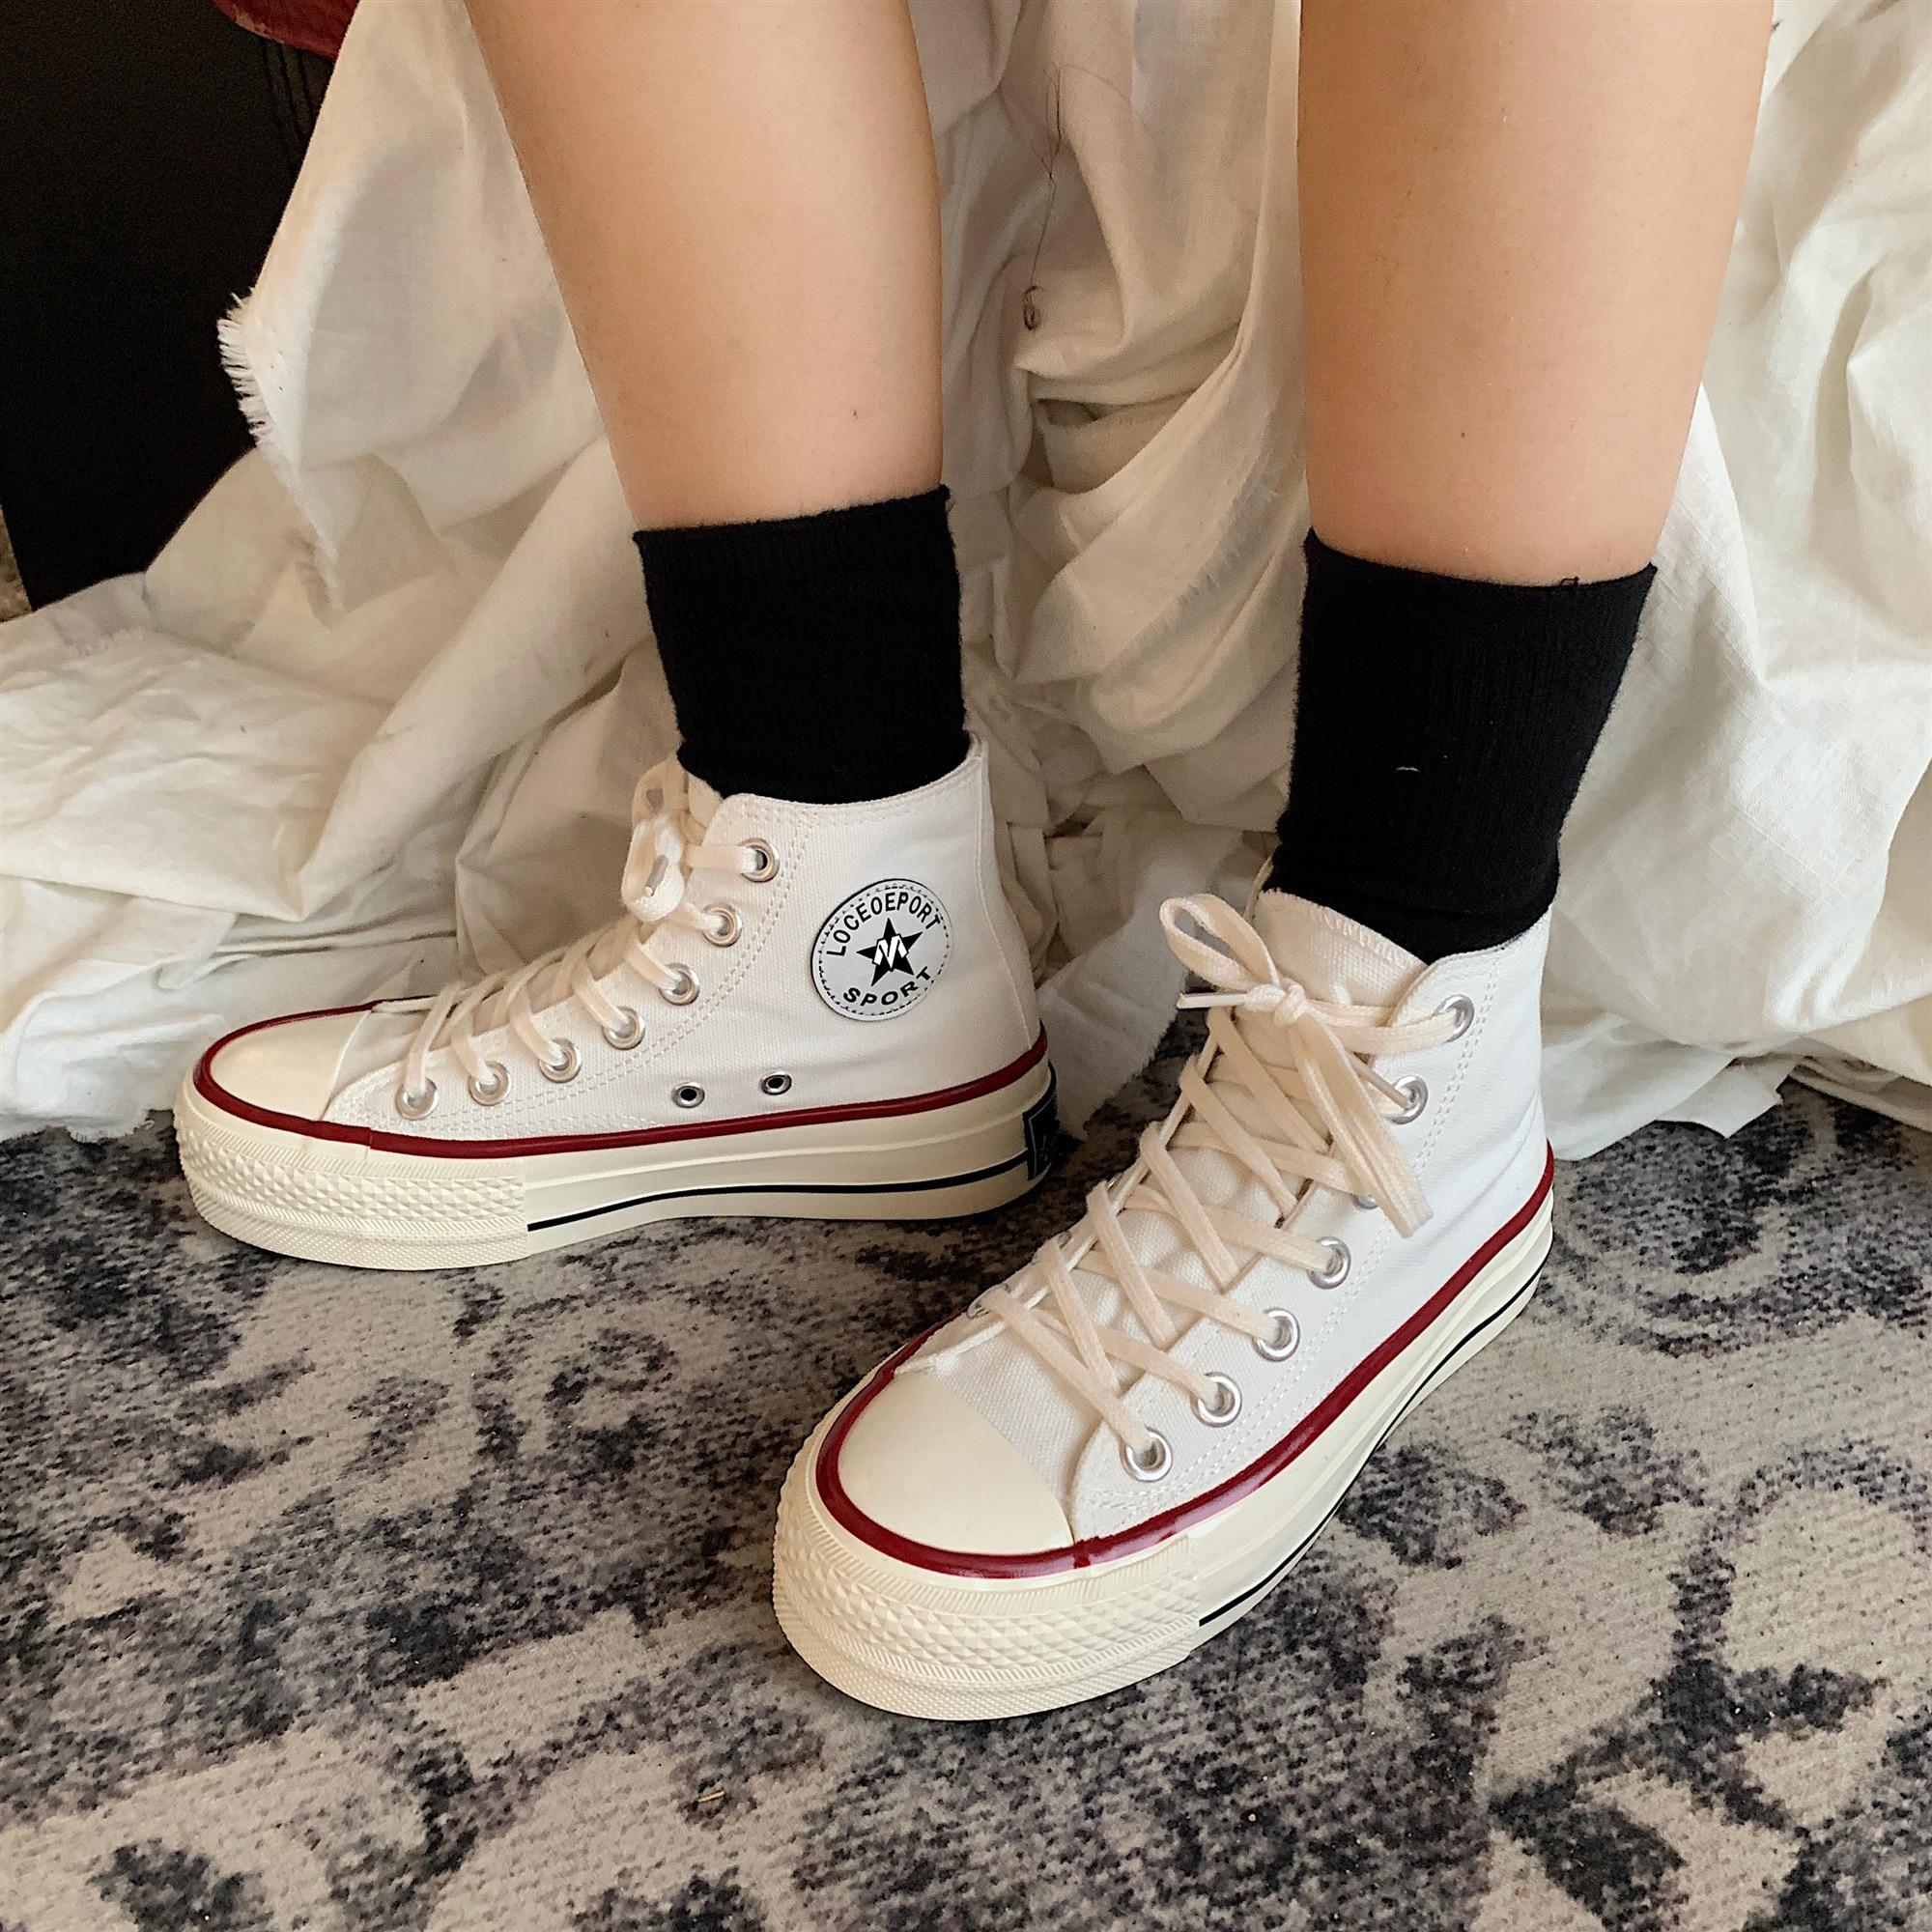 Где купить Парусиновая женская обувь на высокой платформе; Модные женские повседневные кроссовки в стиле ретро на шнуровке; Дышащая обувь для отдыха